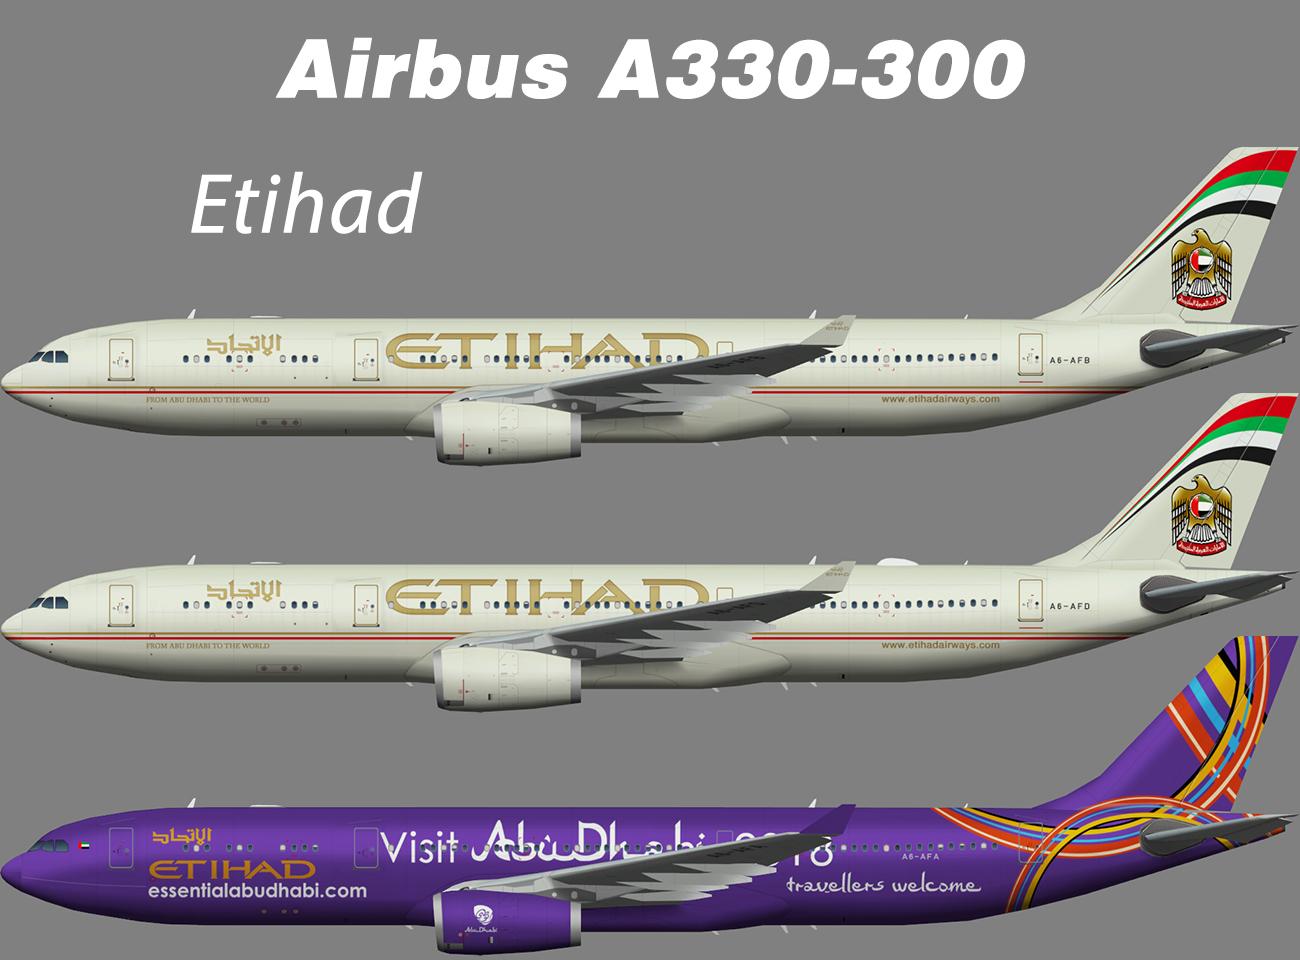 Etihad Airbus A330-300 – Nils